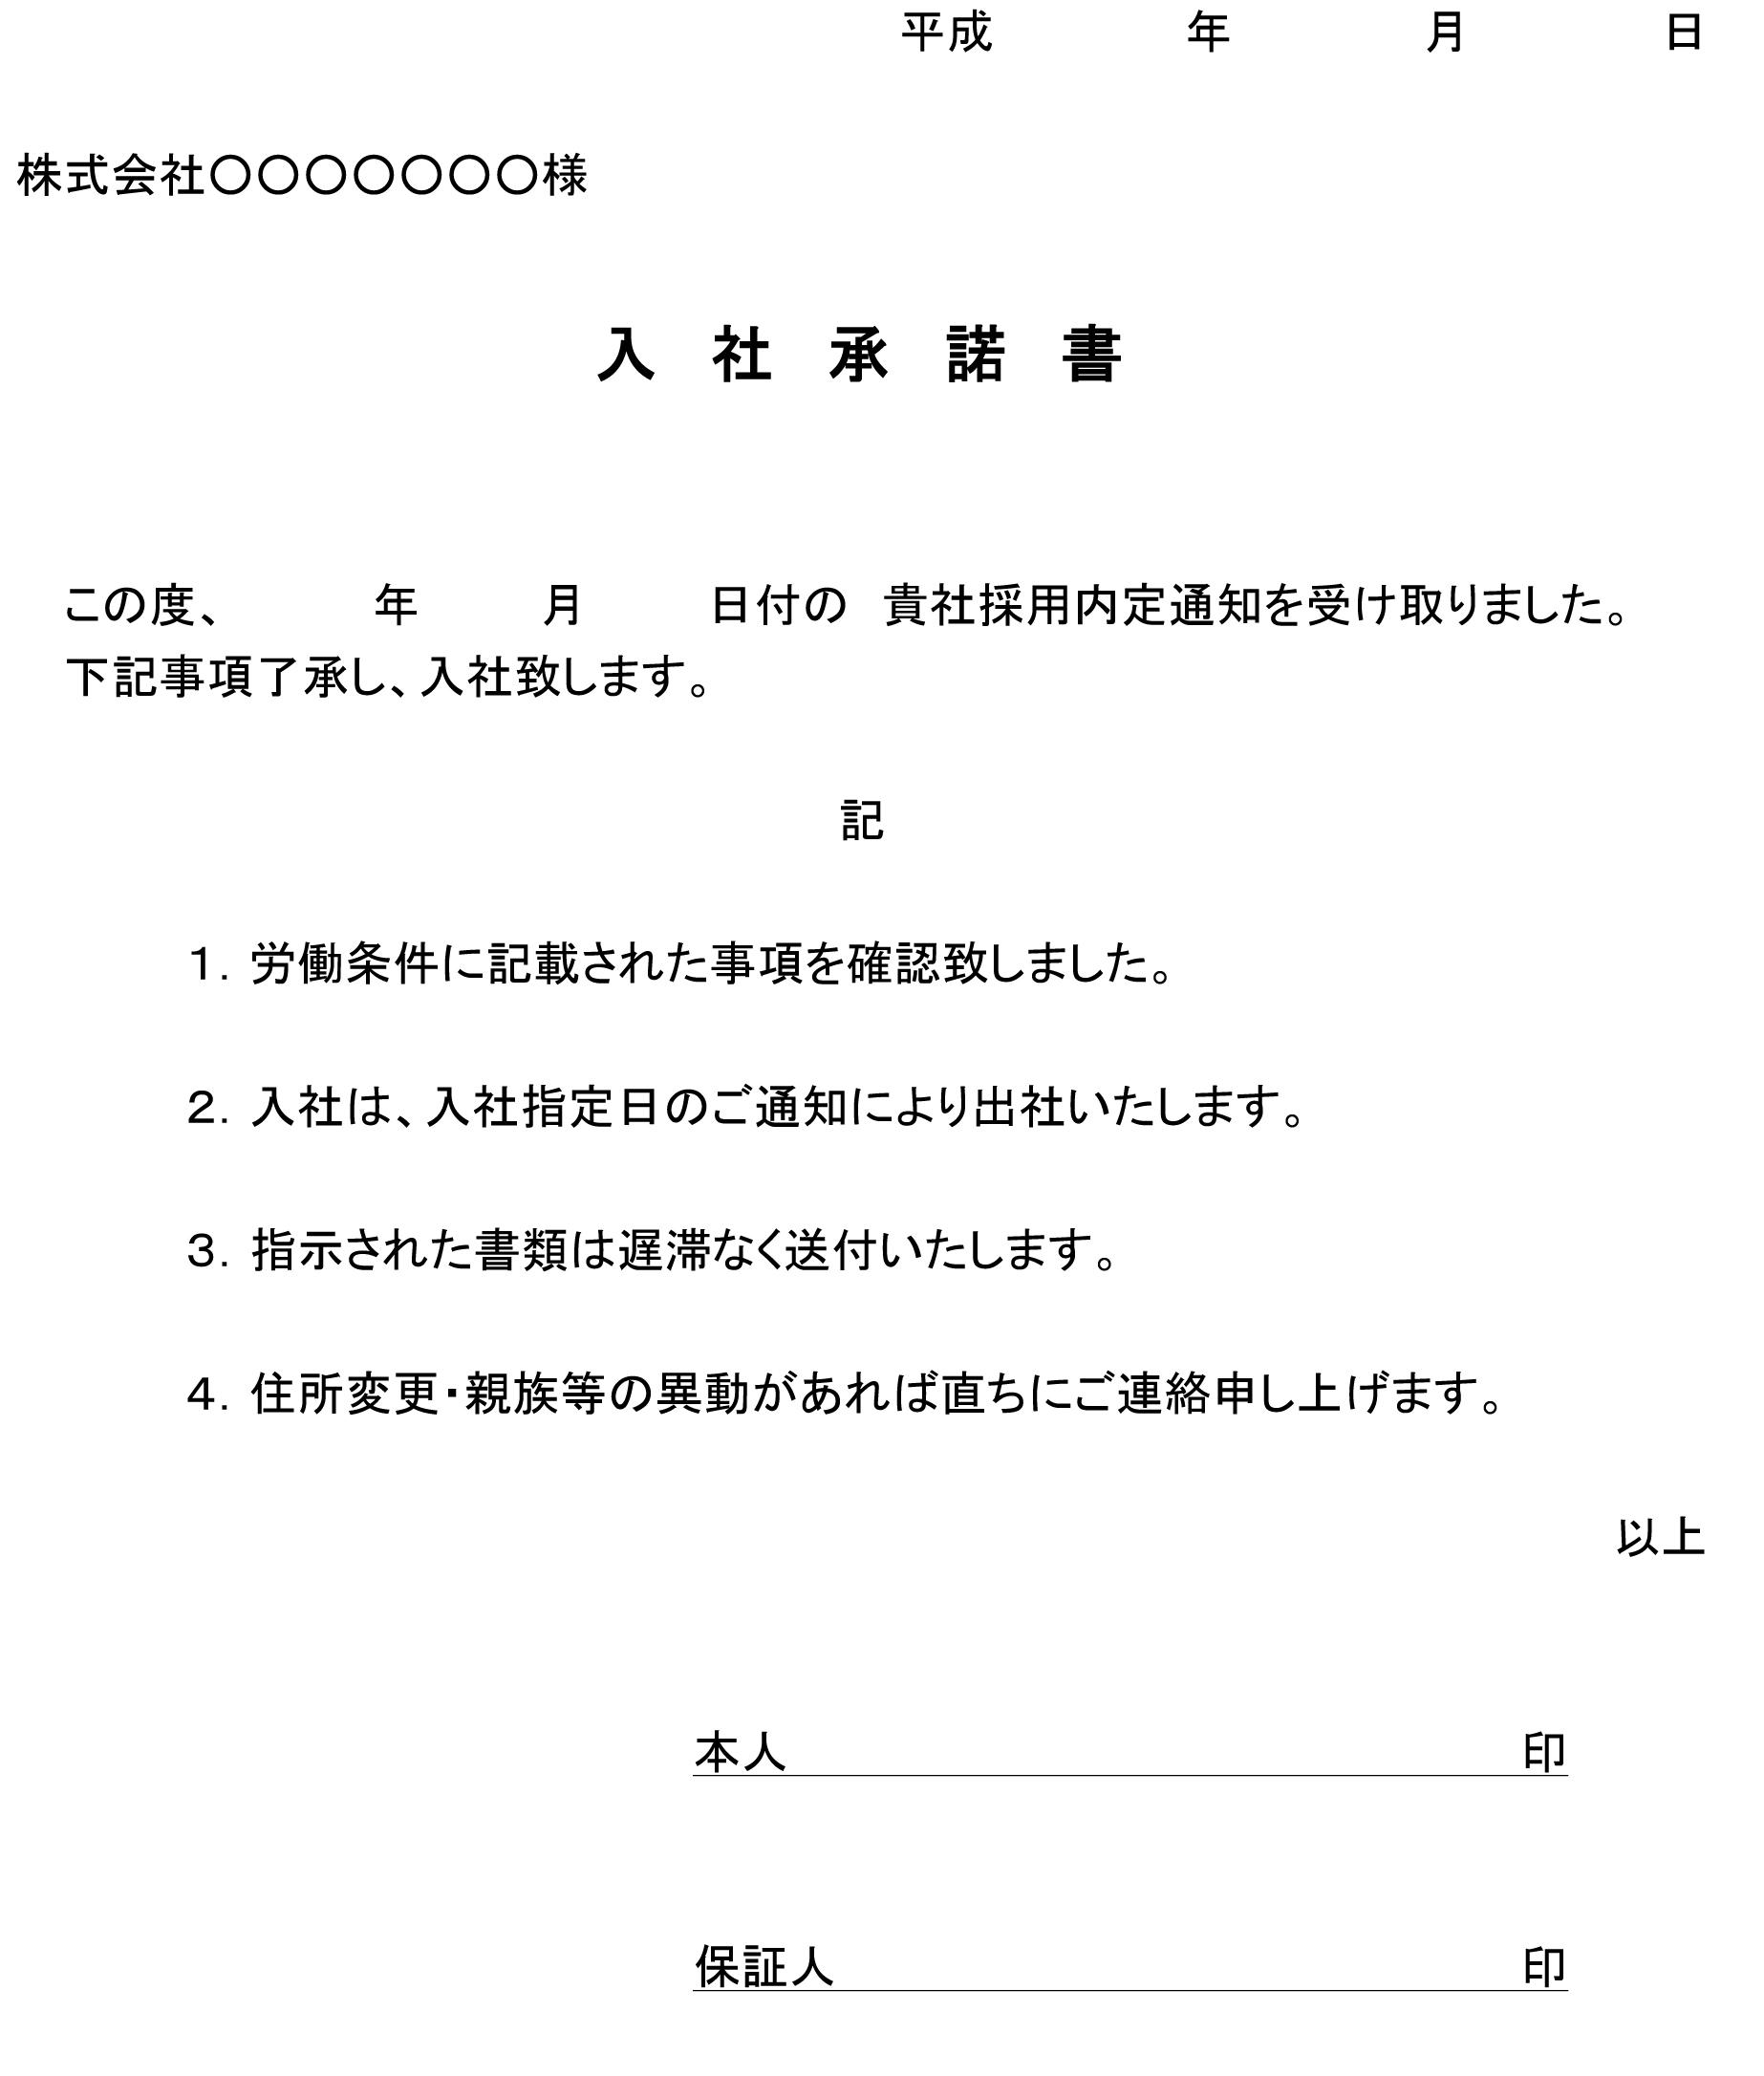 入社承諾書05